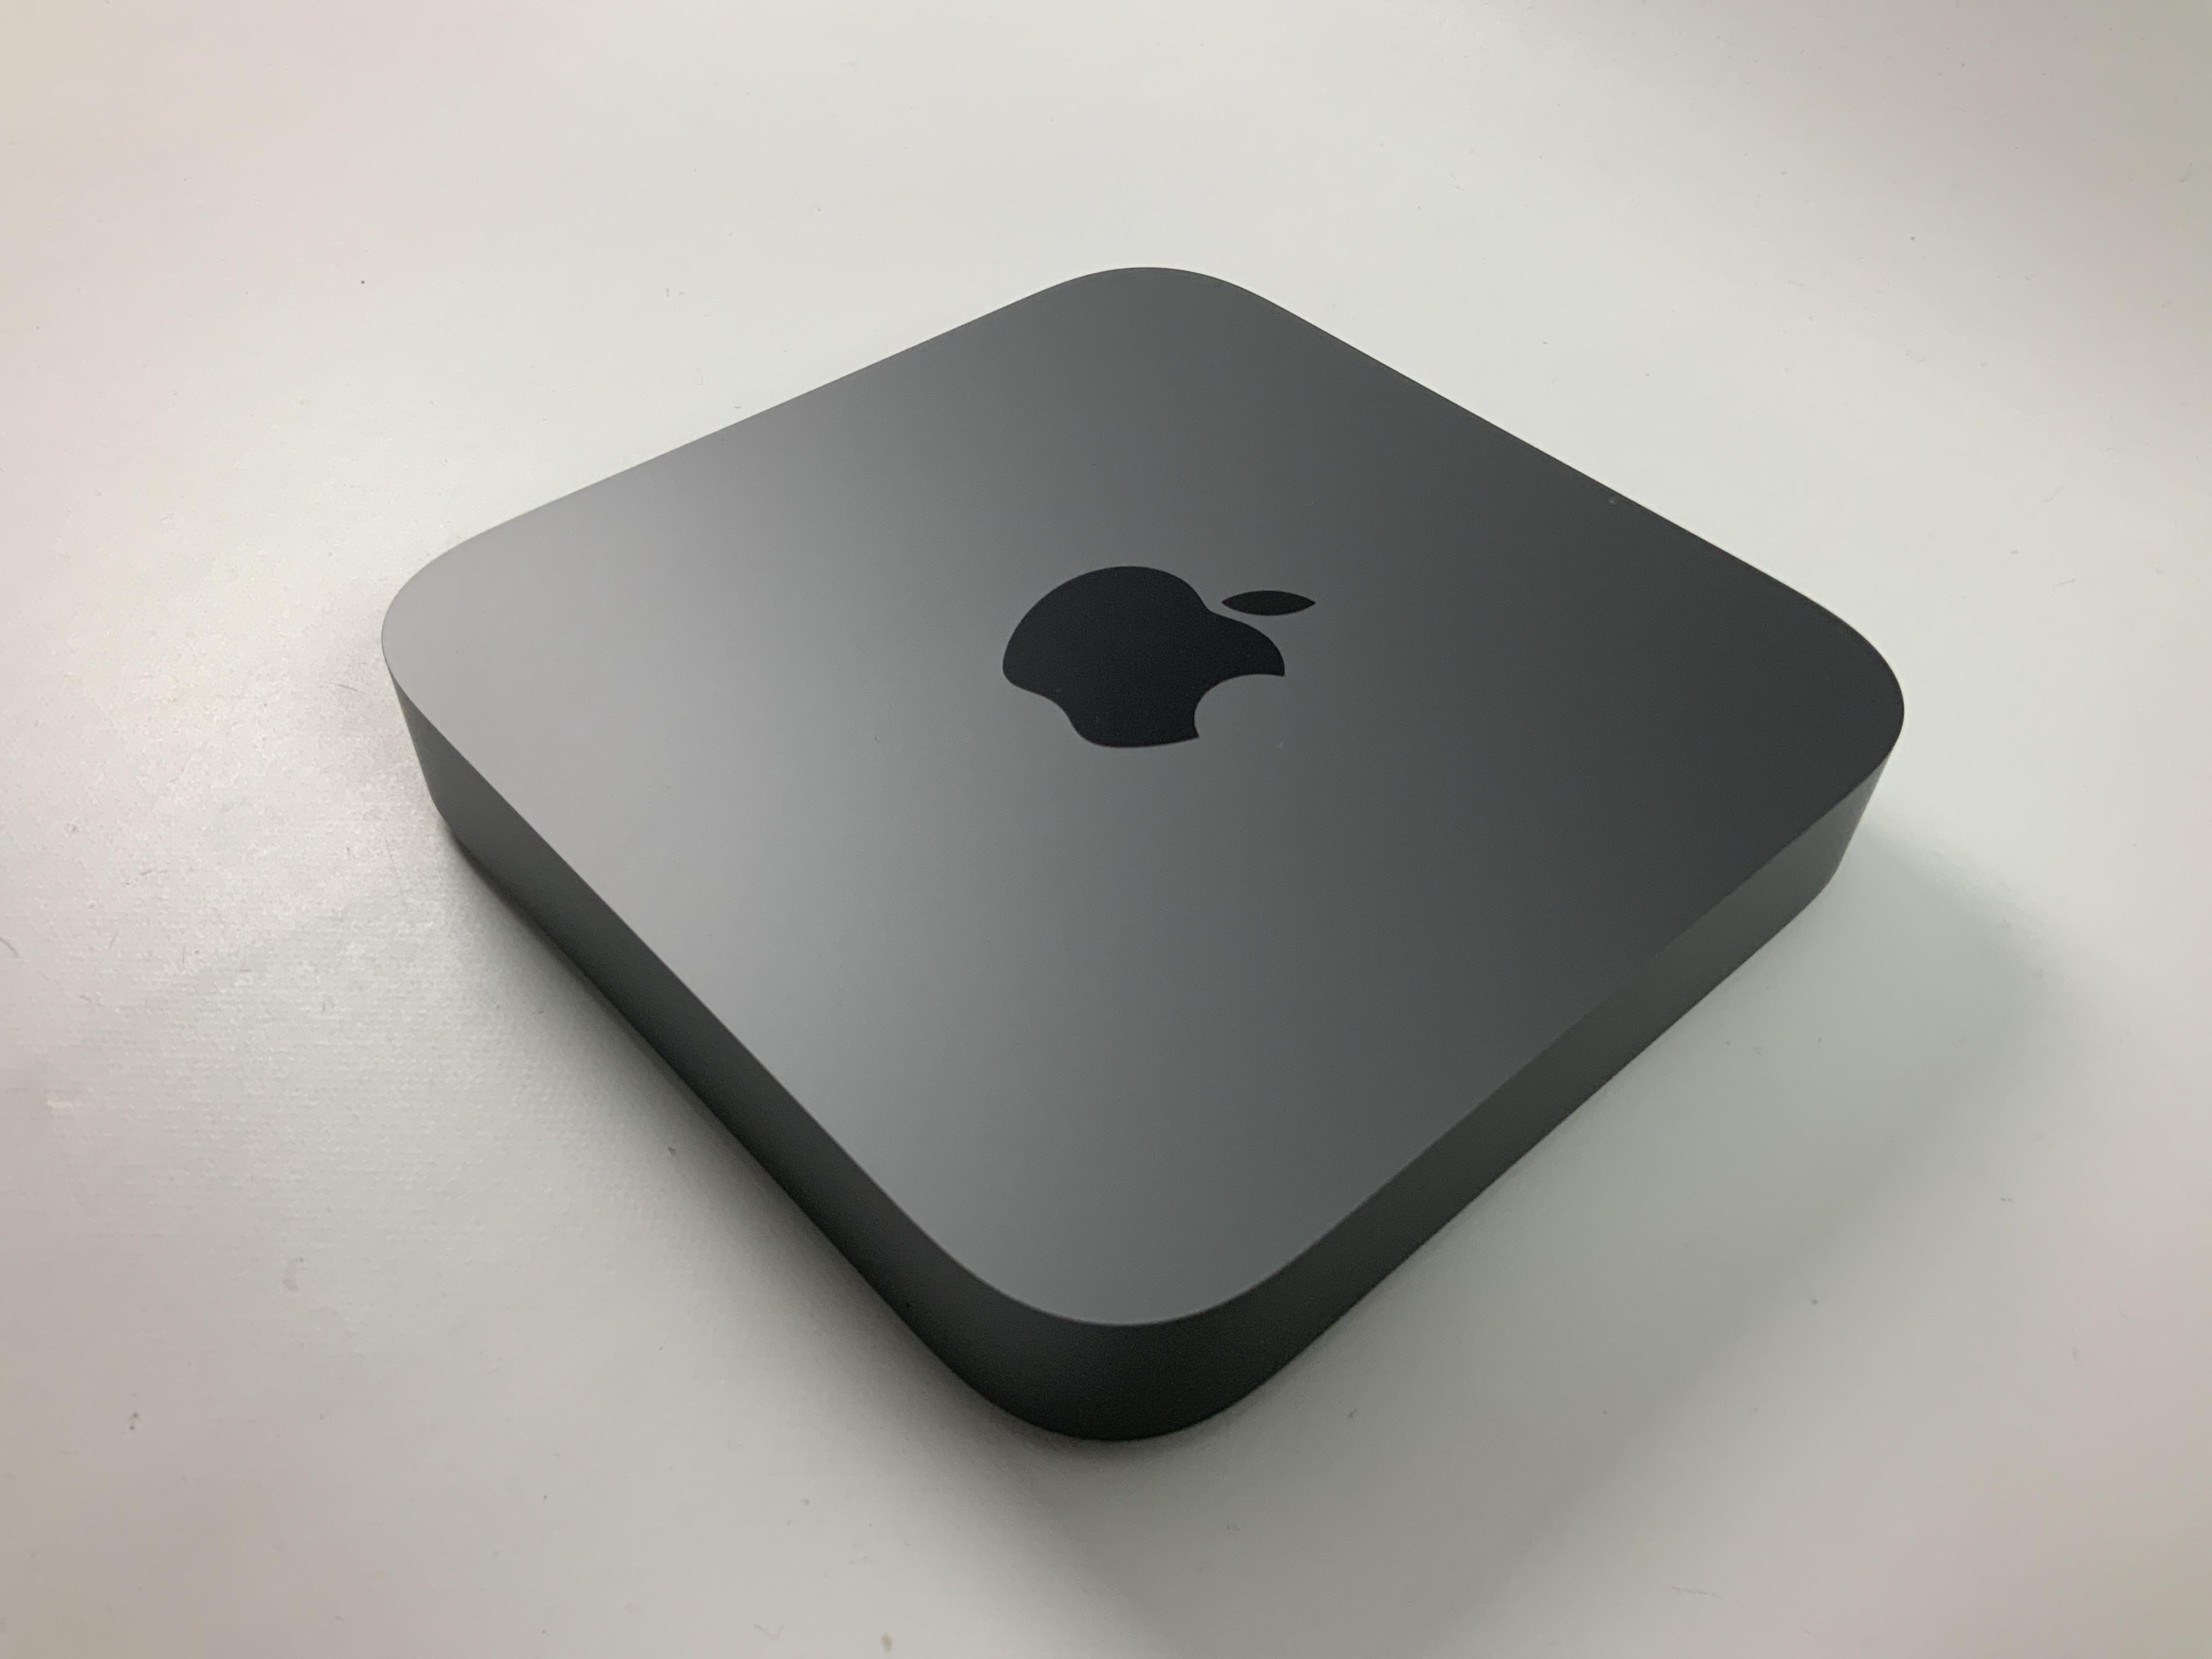 Mac Mini Late 2018 (Intel 6-Core i5 3.0 GHz 8 GB RAM 512 GB SSD), Intel 6-Core i5 3.0 GHz, 8 GB RAM, 512 GB SSD, image 2